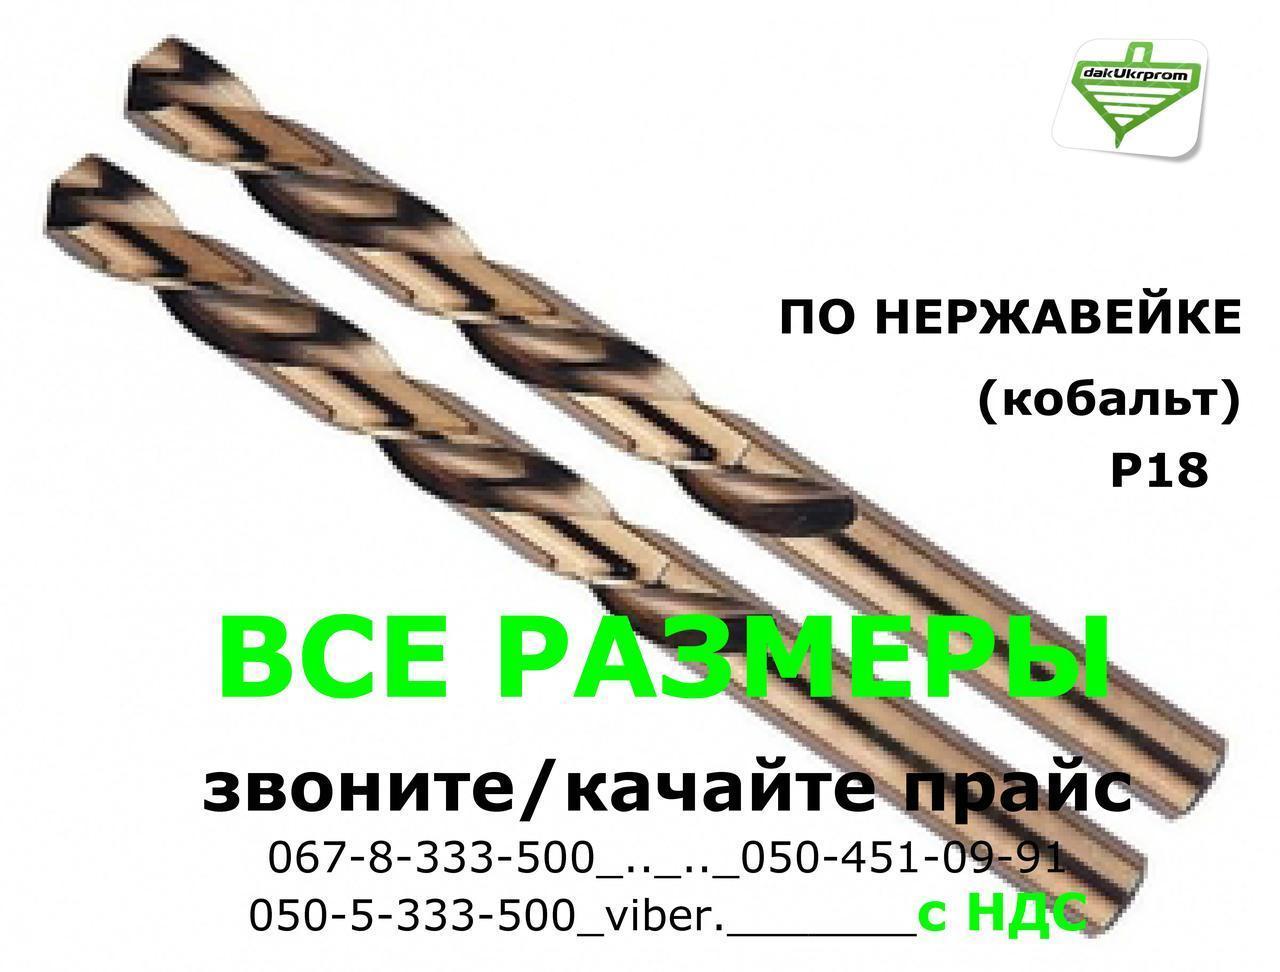 Сверло по нержавейке Р18 - 1,3 мм, (кобальт) промышленного назначения ГОСТ-10902 (DIN338 G-Co)